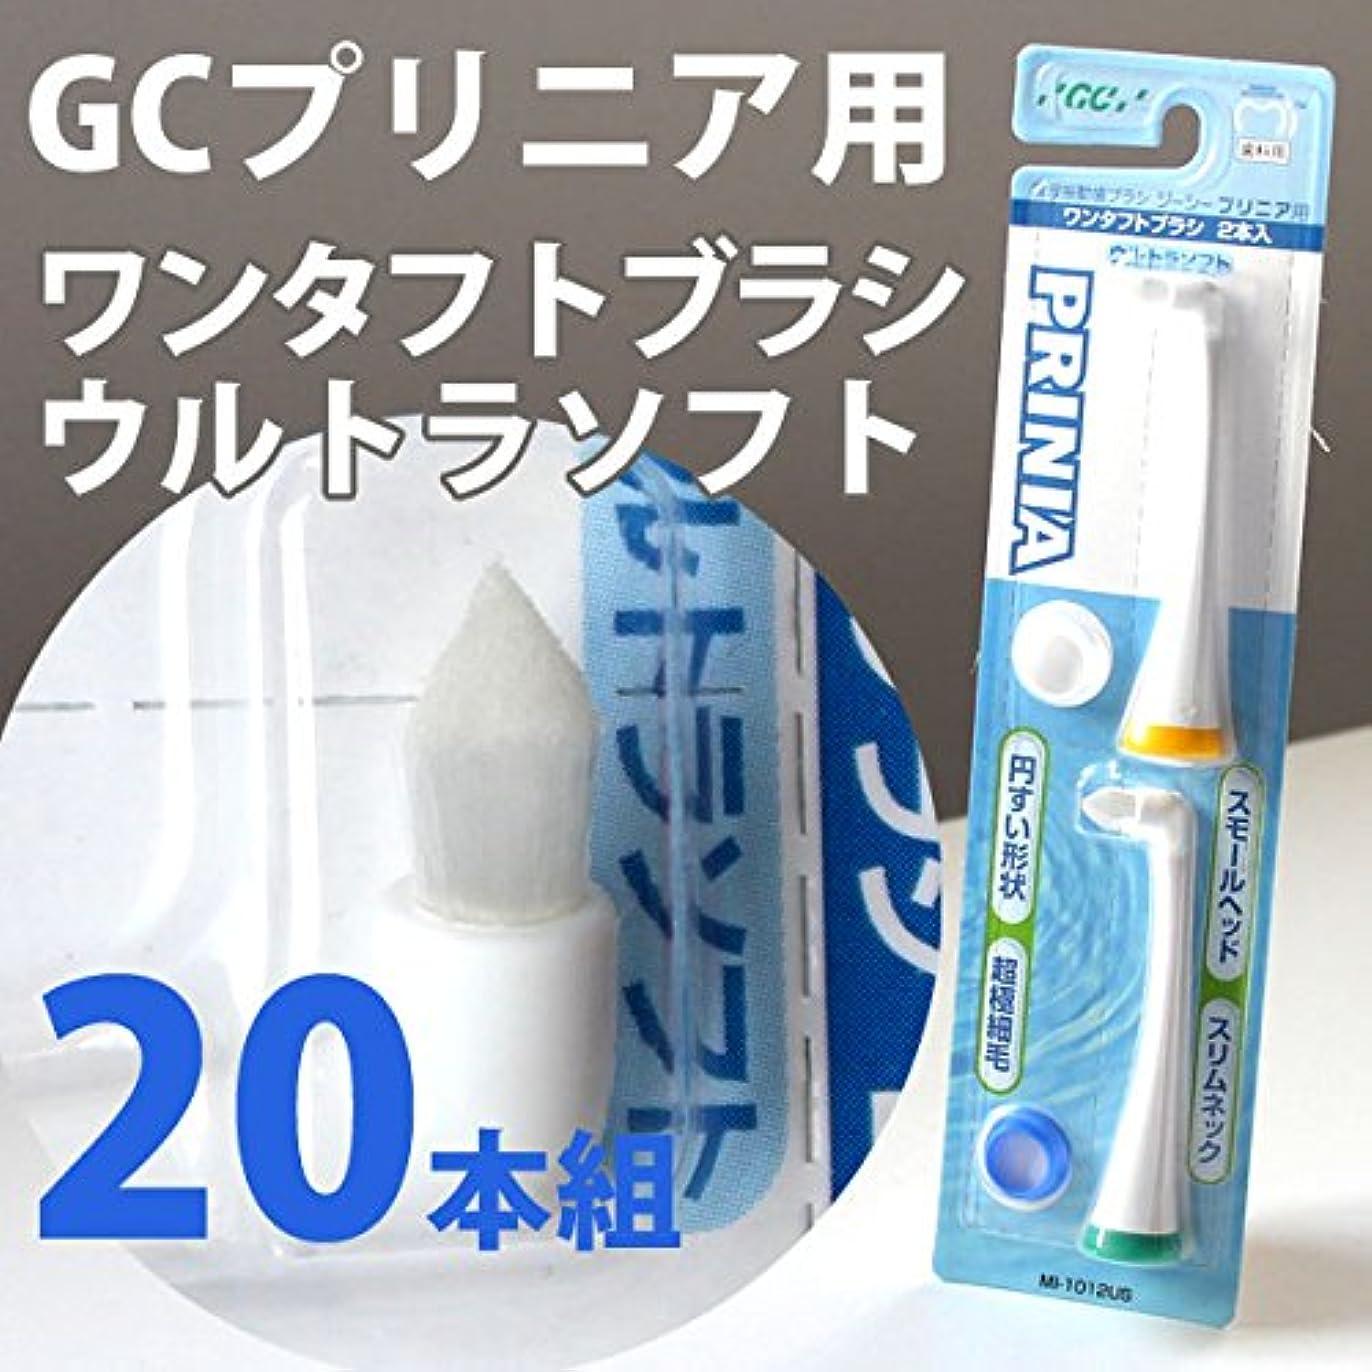 限りキャビン枯渇プリニア ワンタフト GC 音波振動歯ブラシ プリニアスリム 替えブラシ ブラシ(ウルトラソフト) 10セットル便